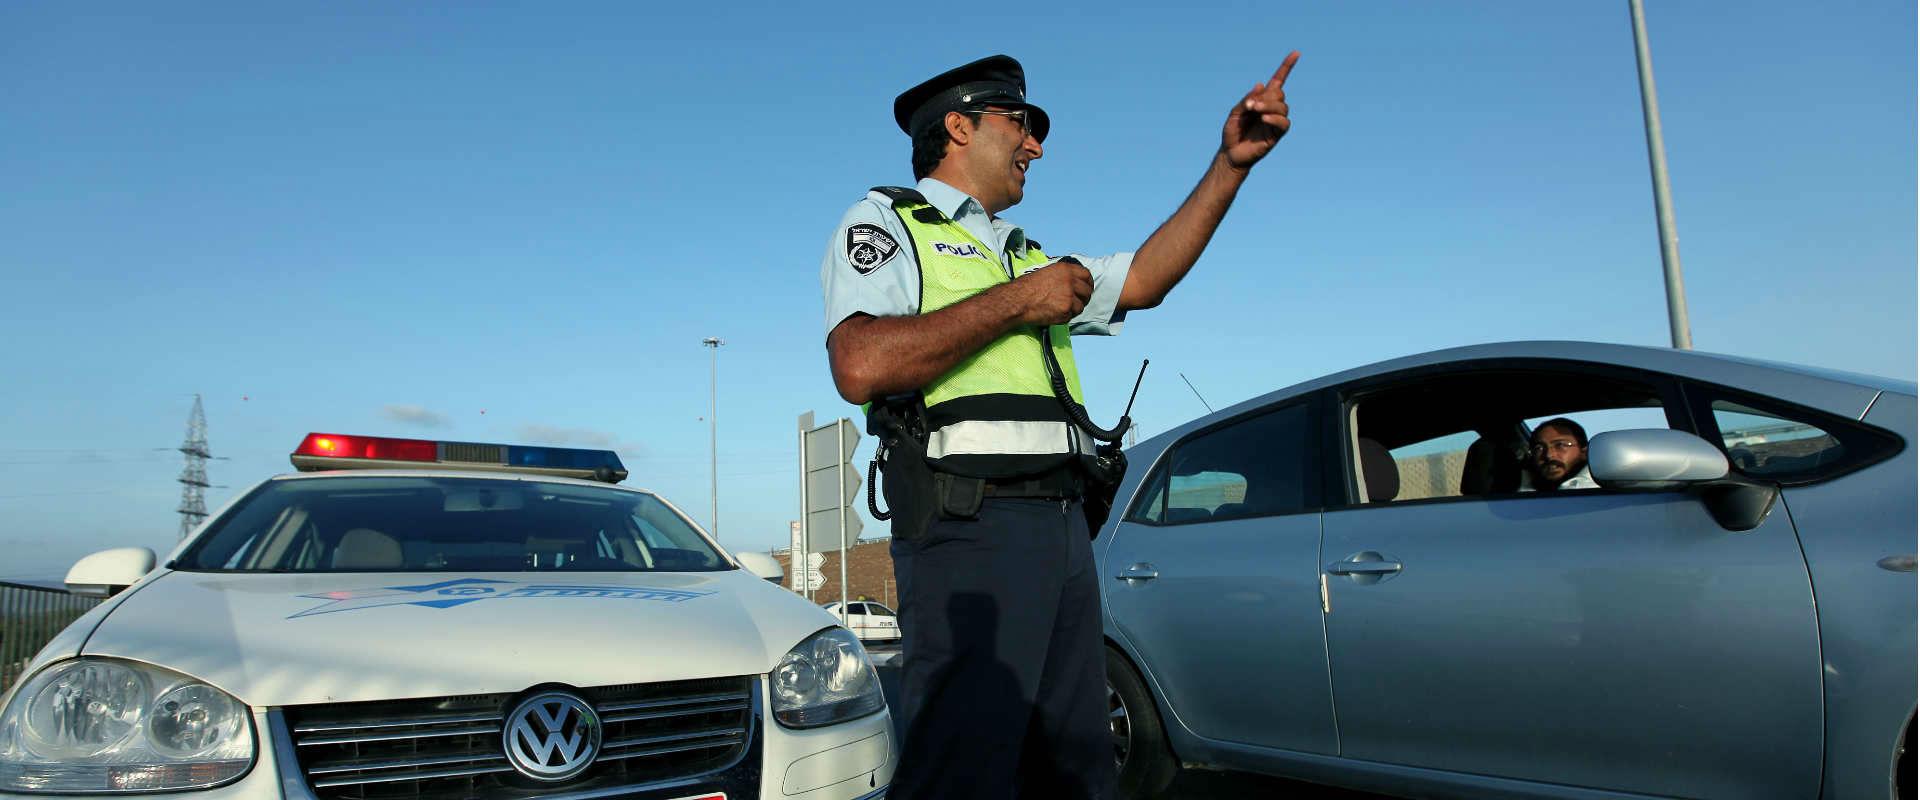 משטרת התנועה (ארכיון)